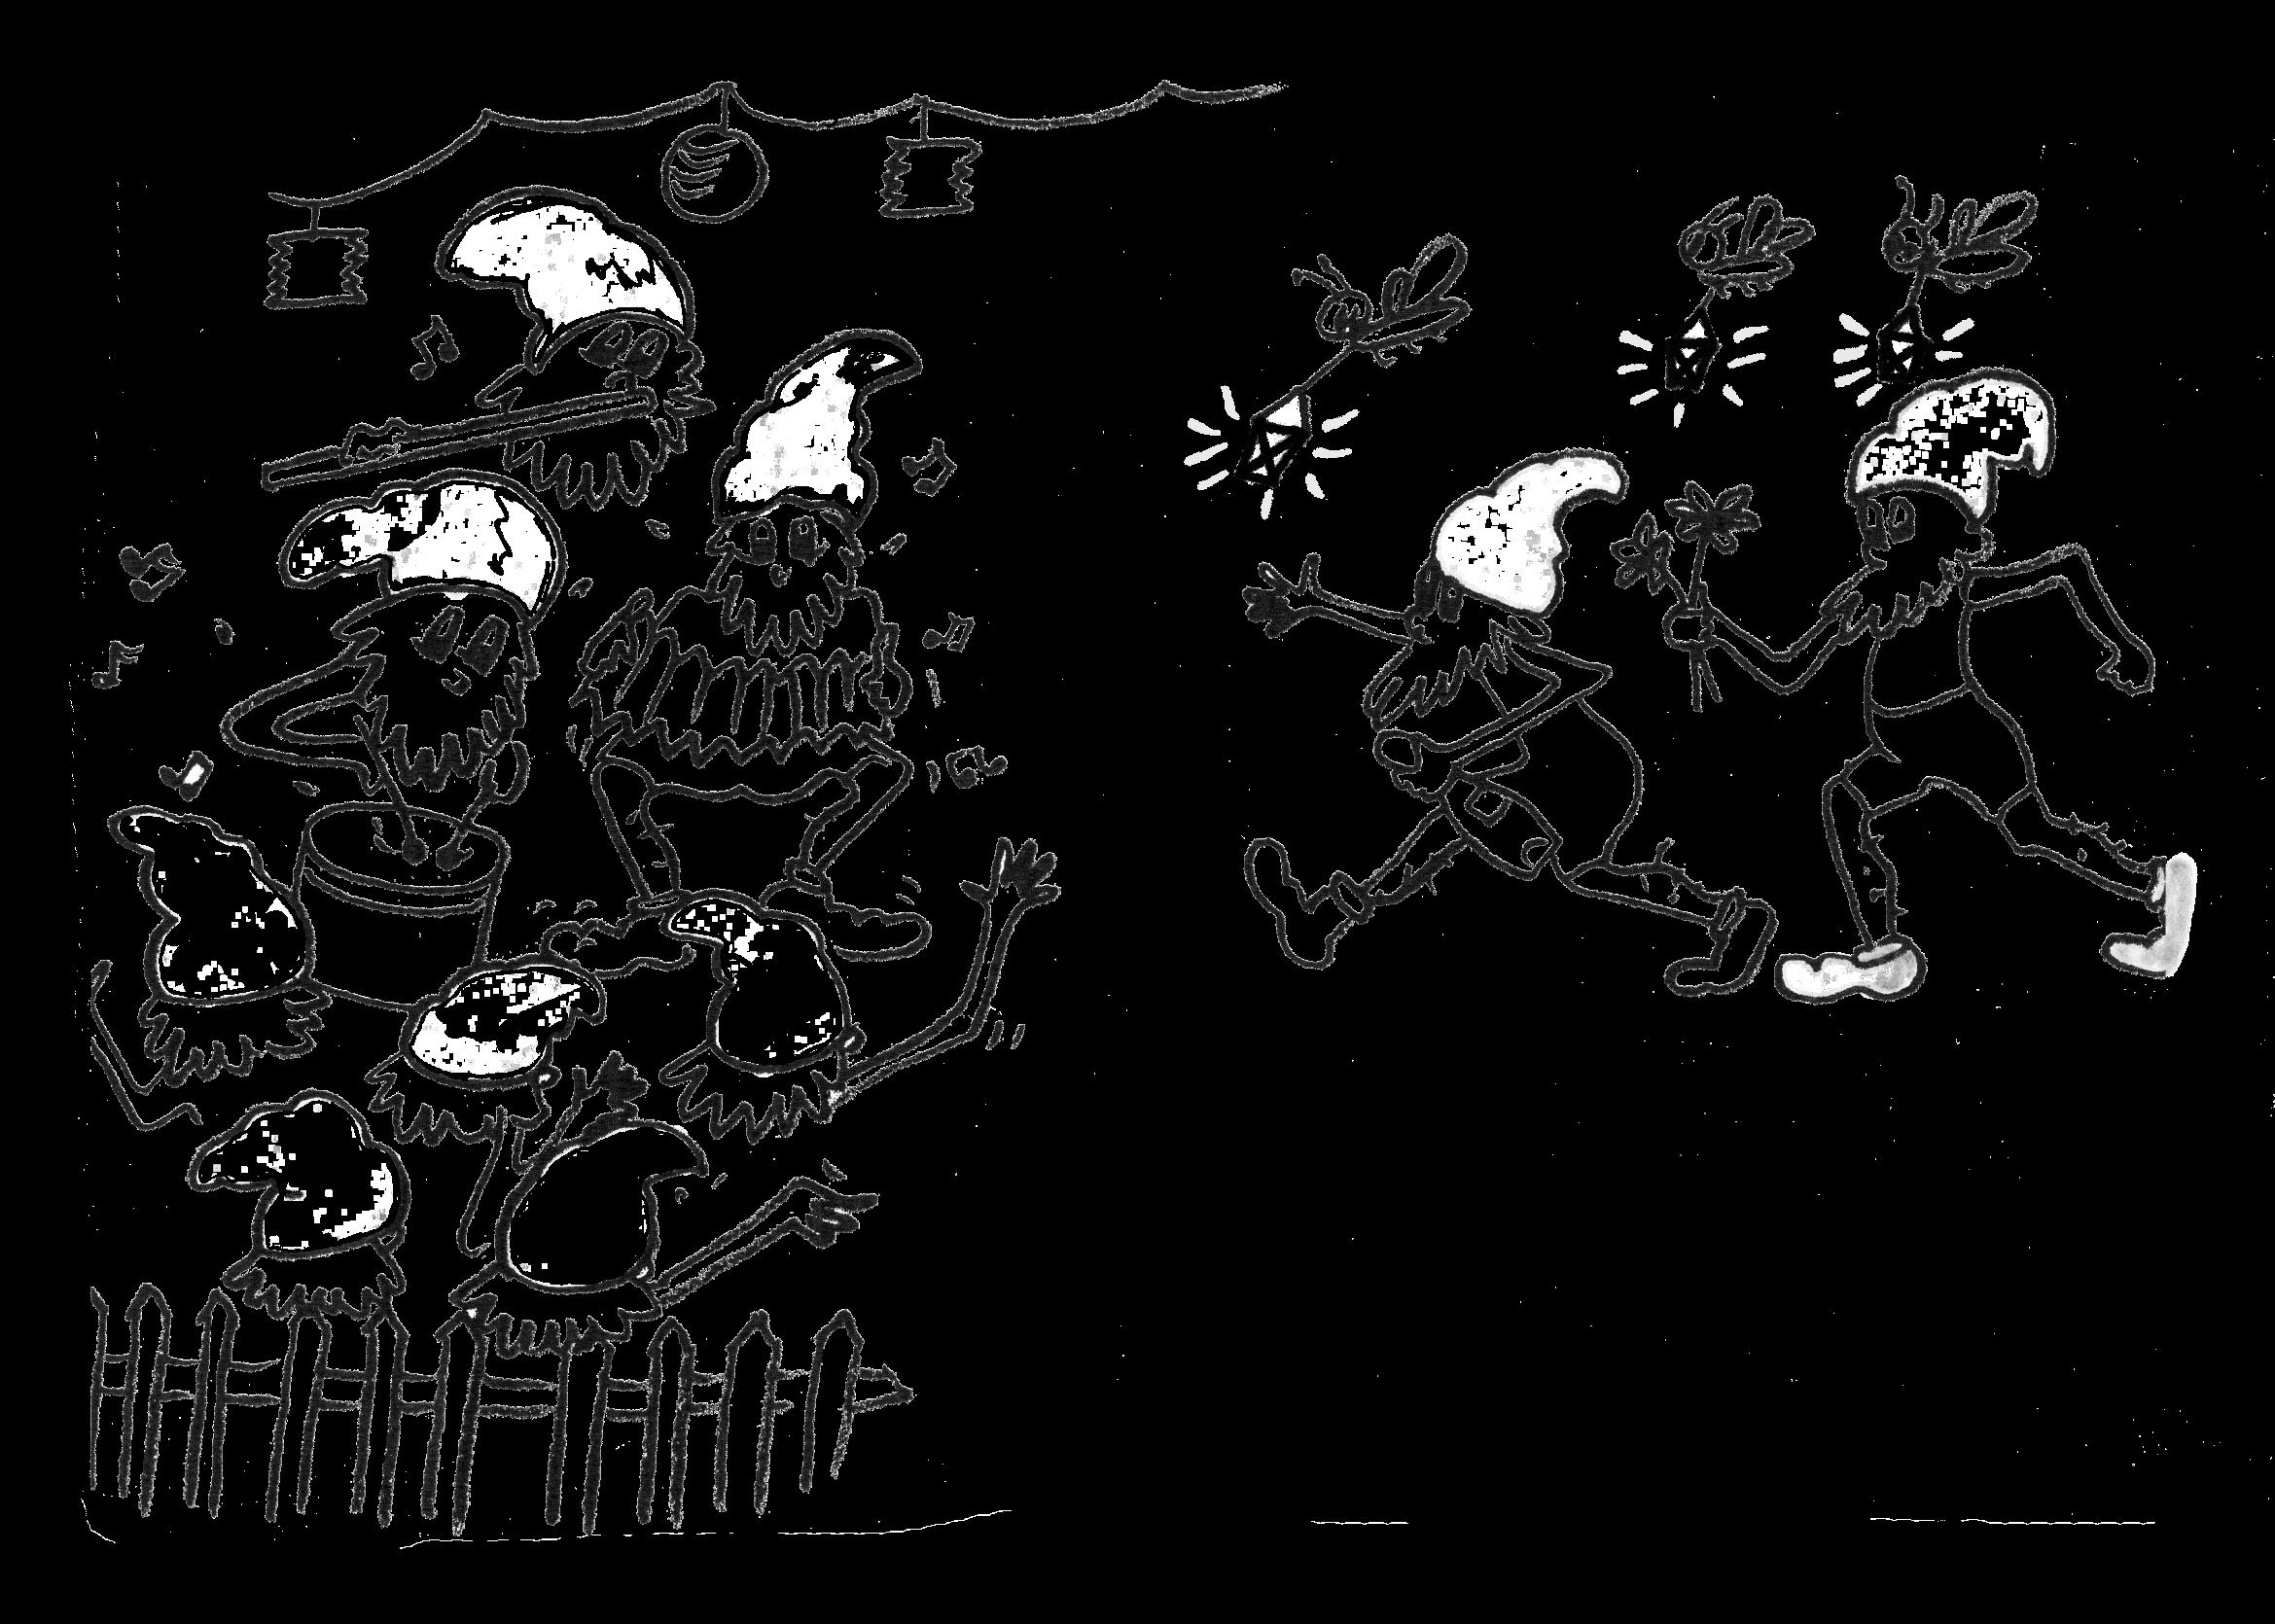 Zimmly der Gartenzwerg - Zimmlys Odyssee